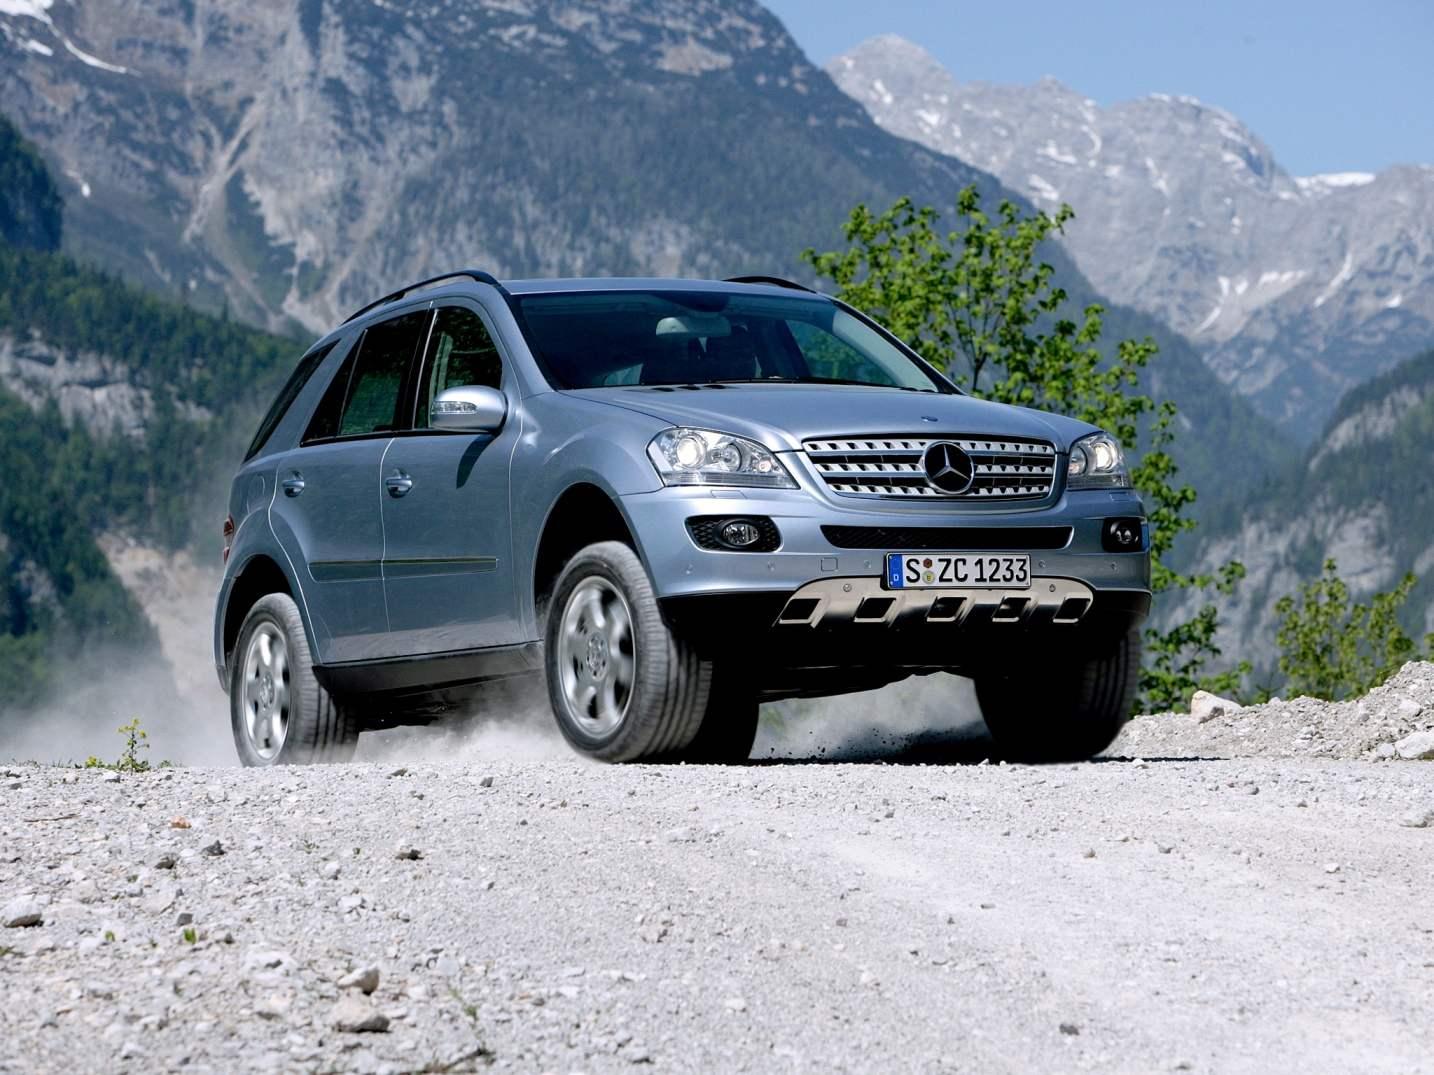 MERCEDES-BENZ ML350 — автомобиль с V-образной «шестеркой» мощностью 272 л.с. выпуска 2005 года